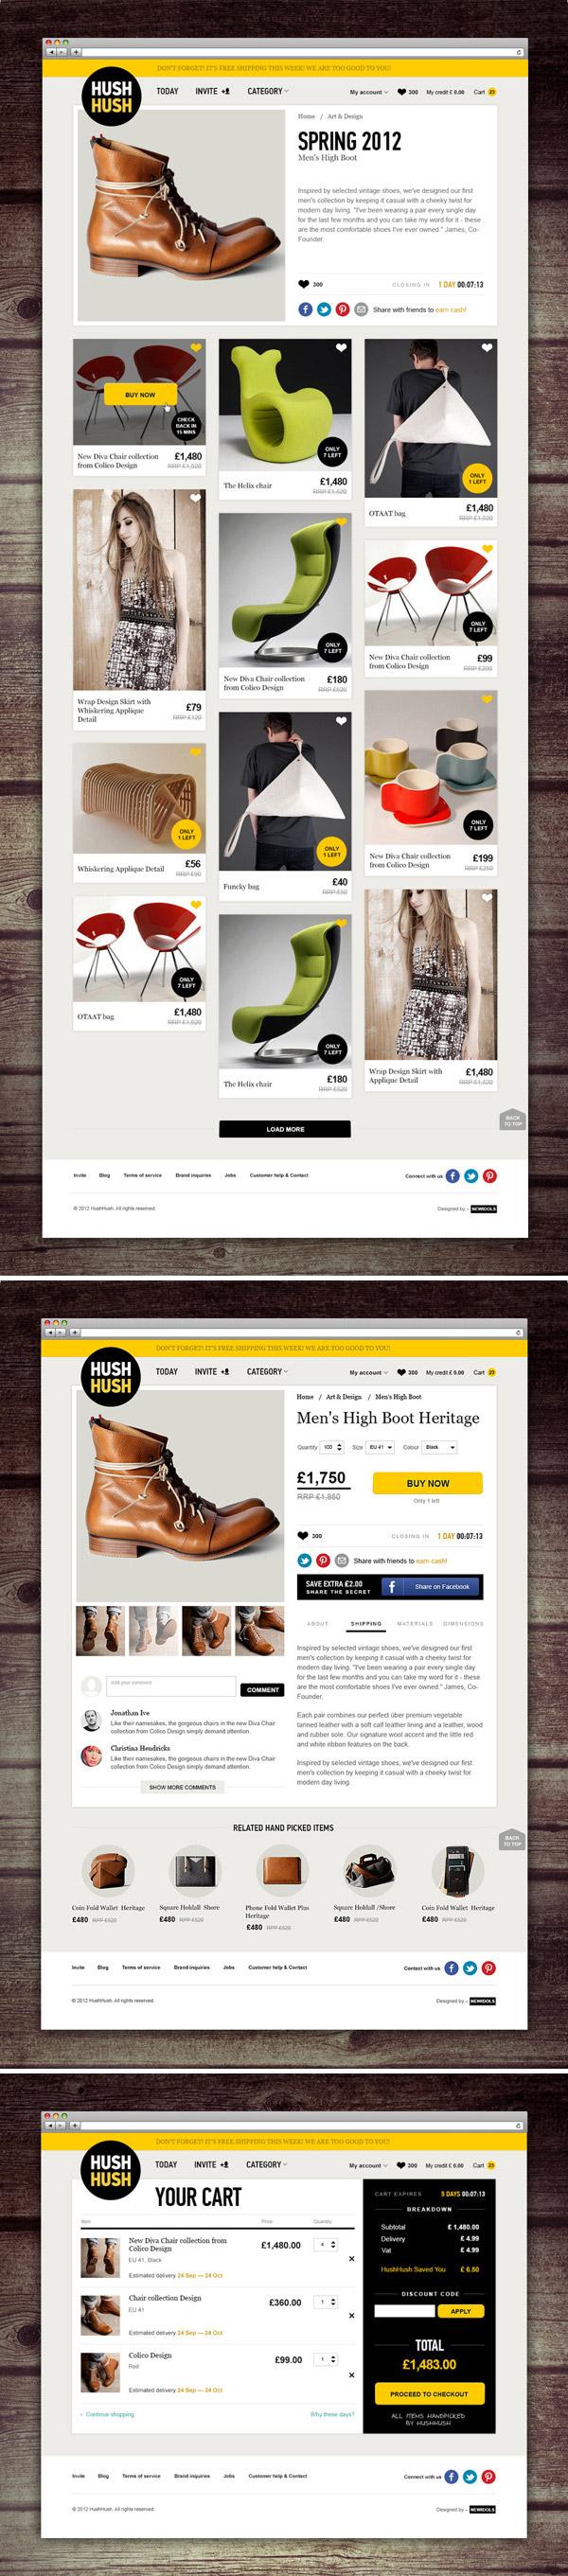 HushHush- Inspiración web design